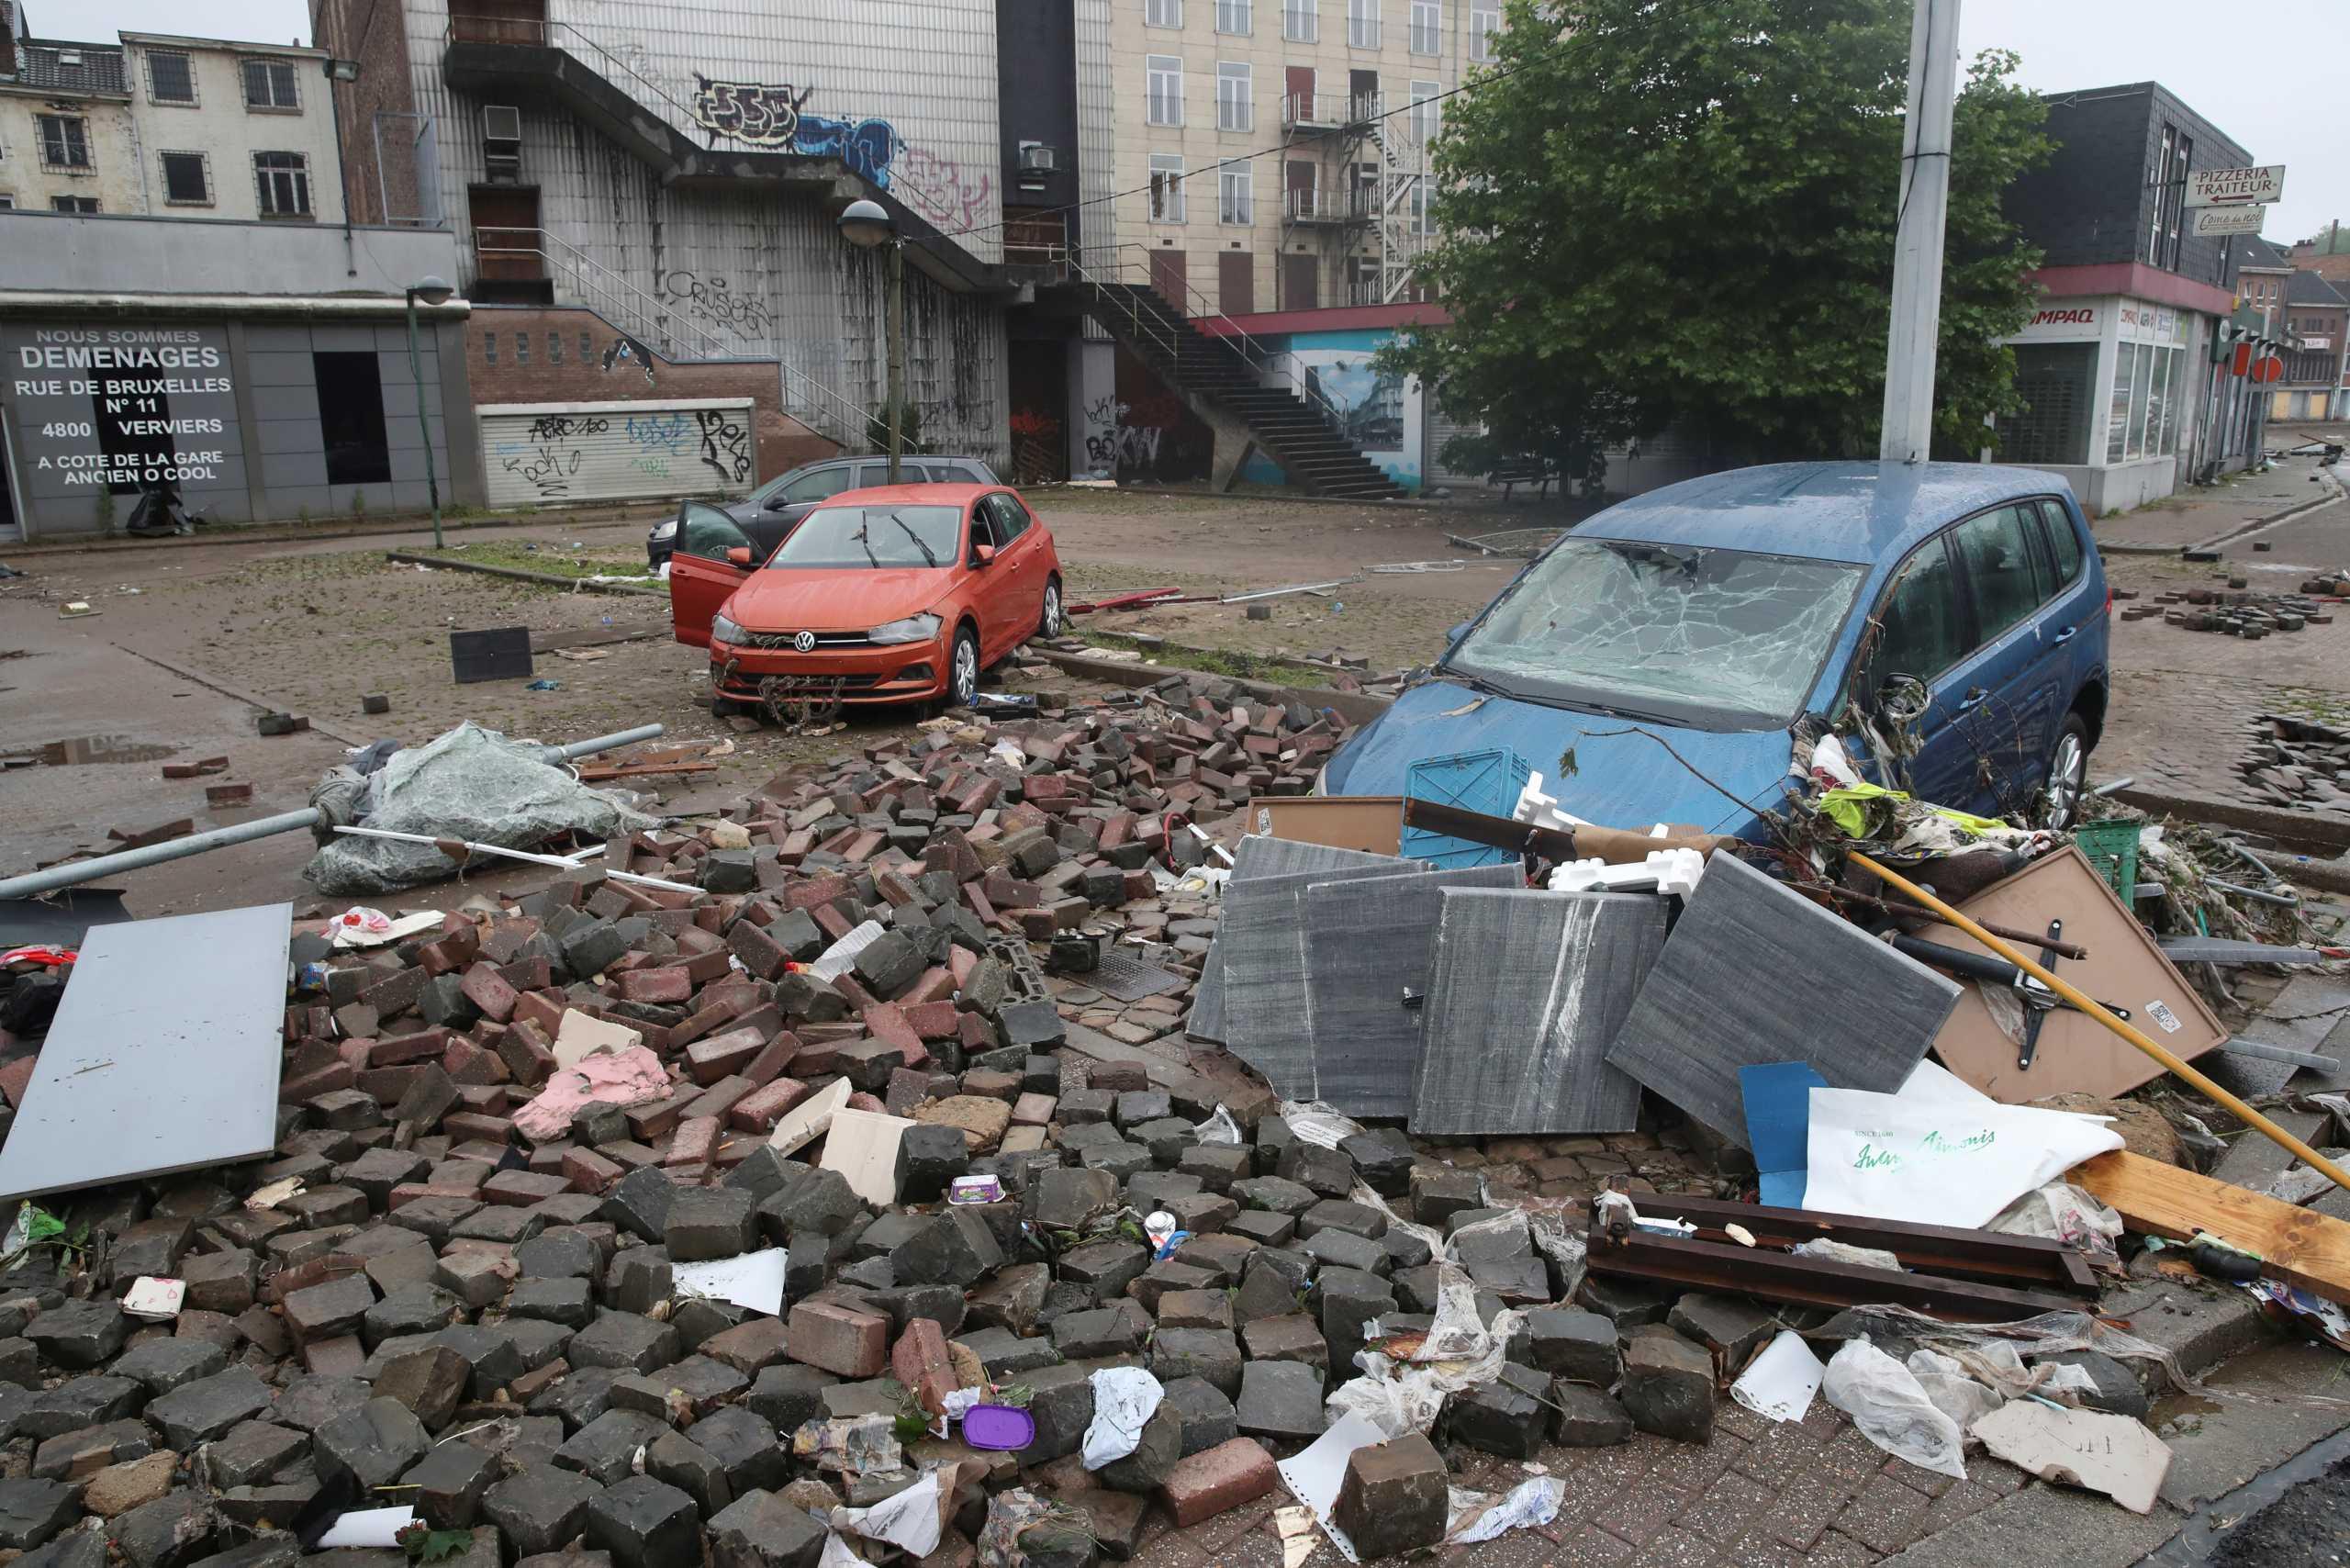 Βέλγιο: 12 οι νεκροί από τις πλημμύρες στην Βαλλονία